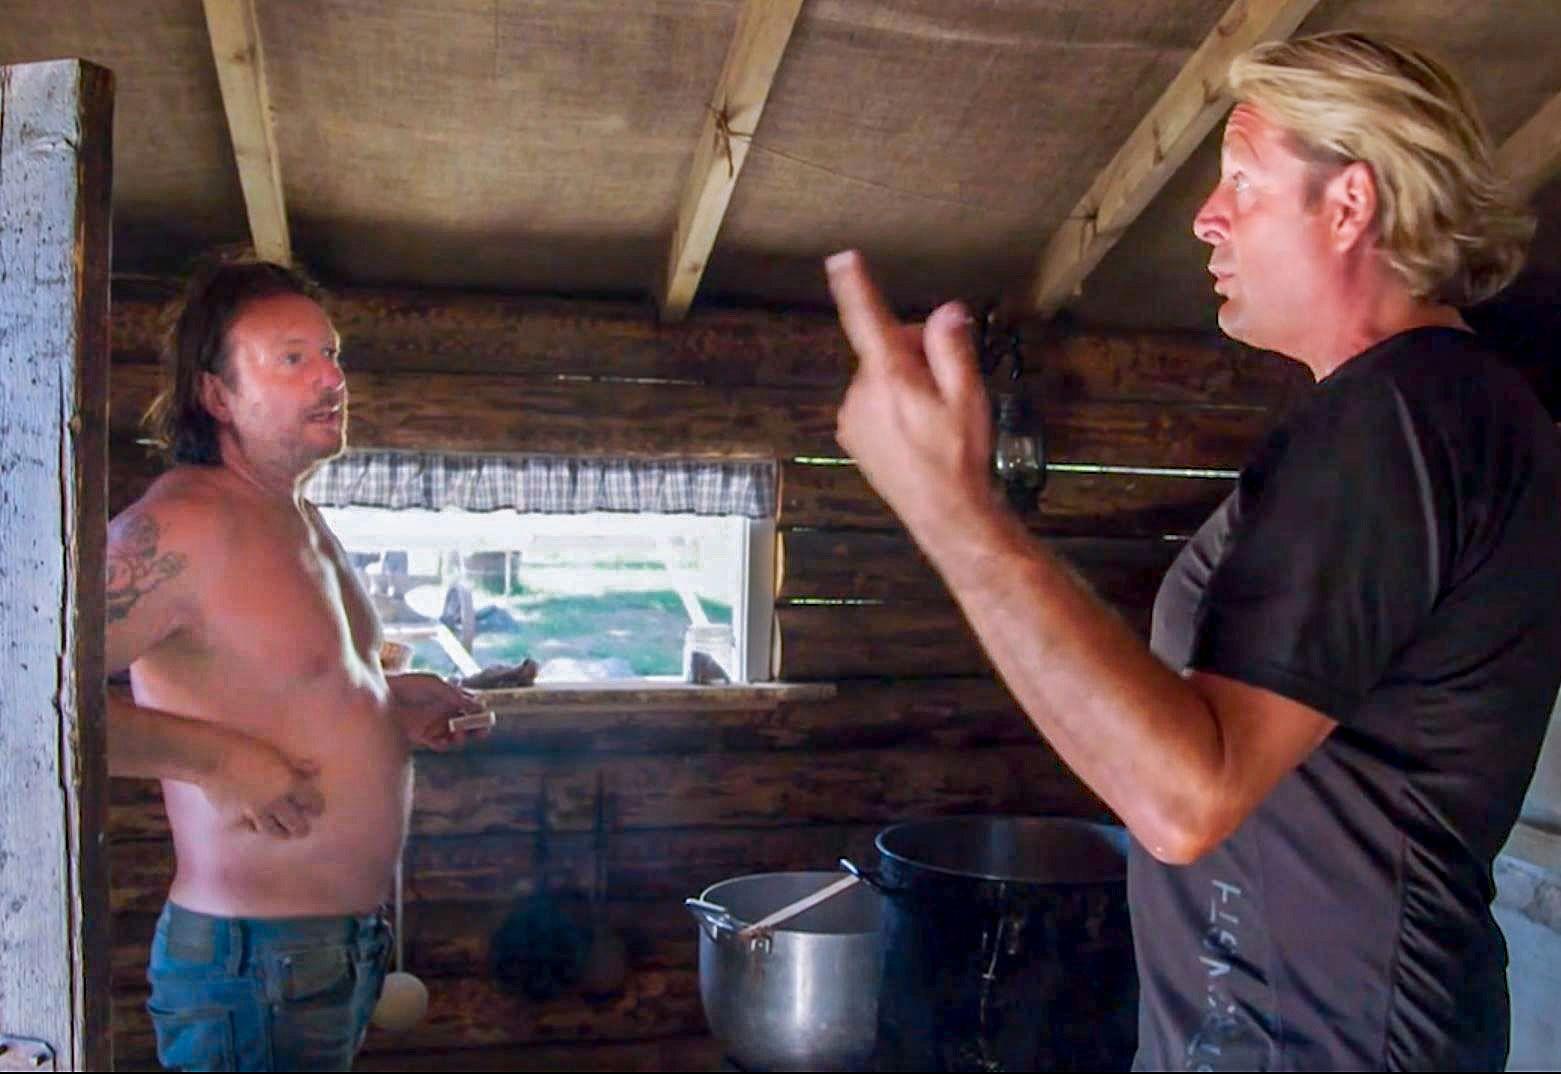 OPPVASK: Svein Østvik og Runar Søgaard tok en oppvask etter middagsdiskusjonen.